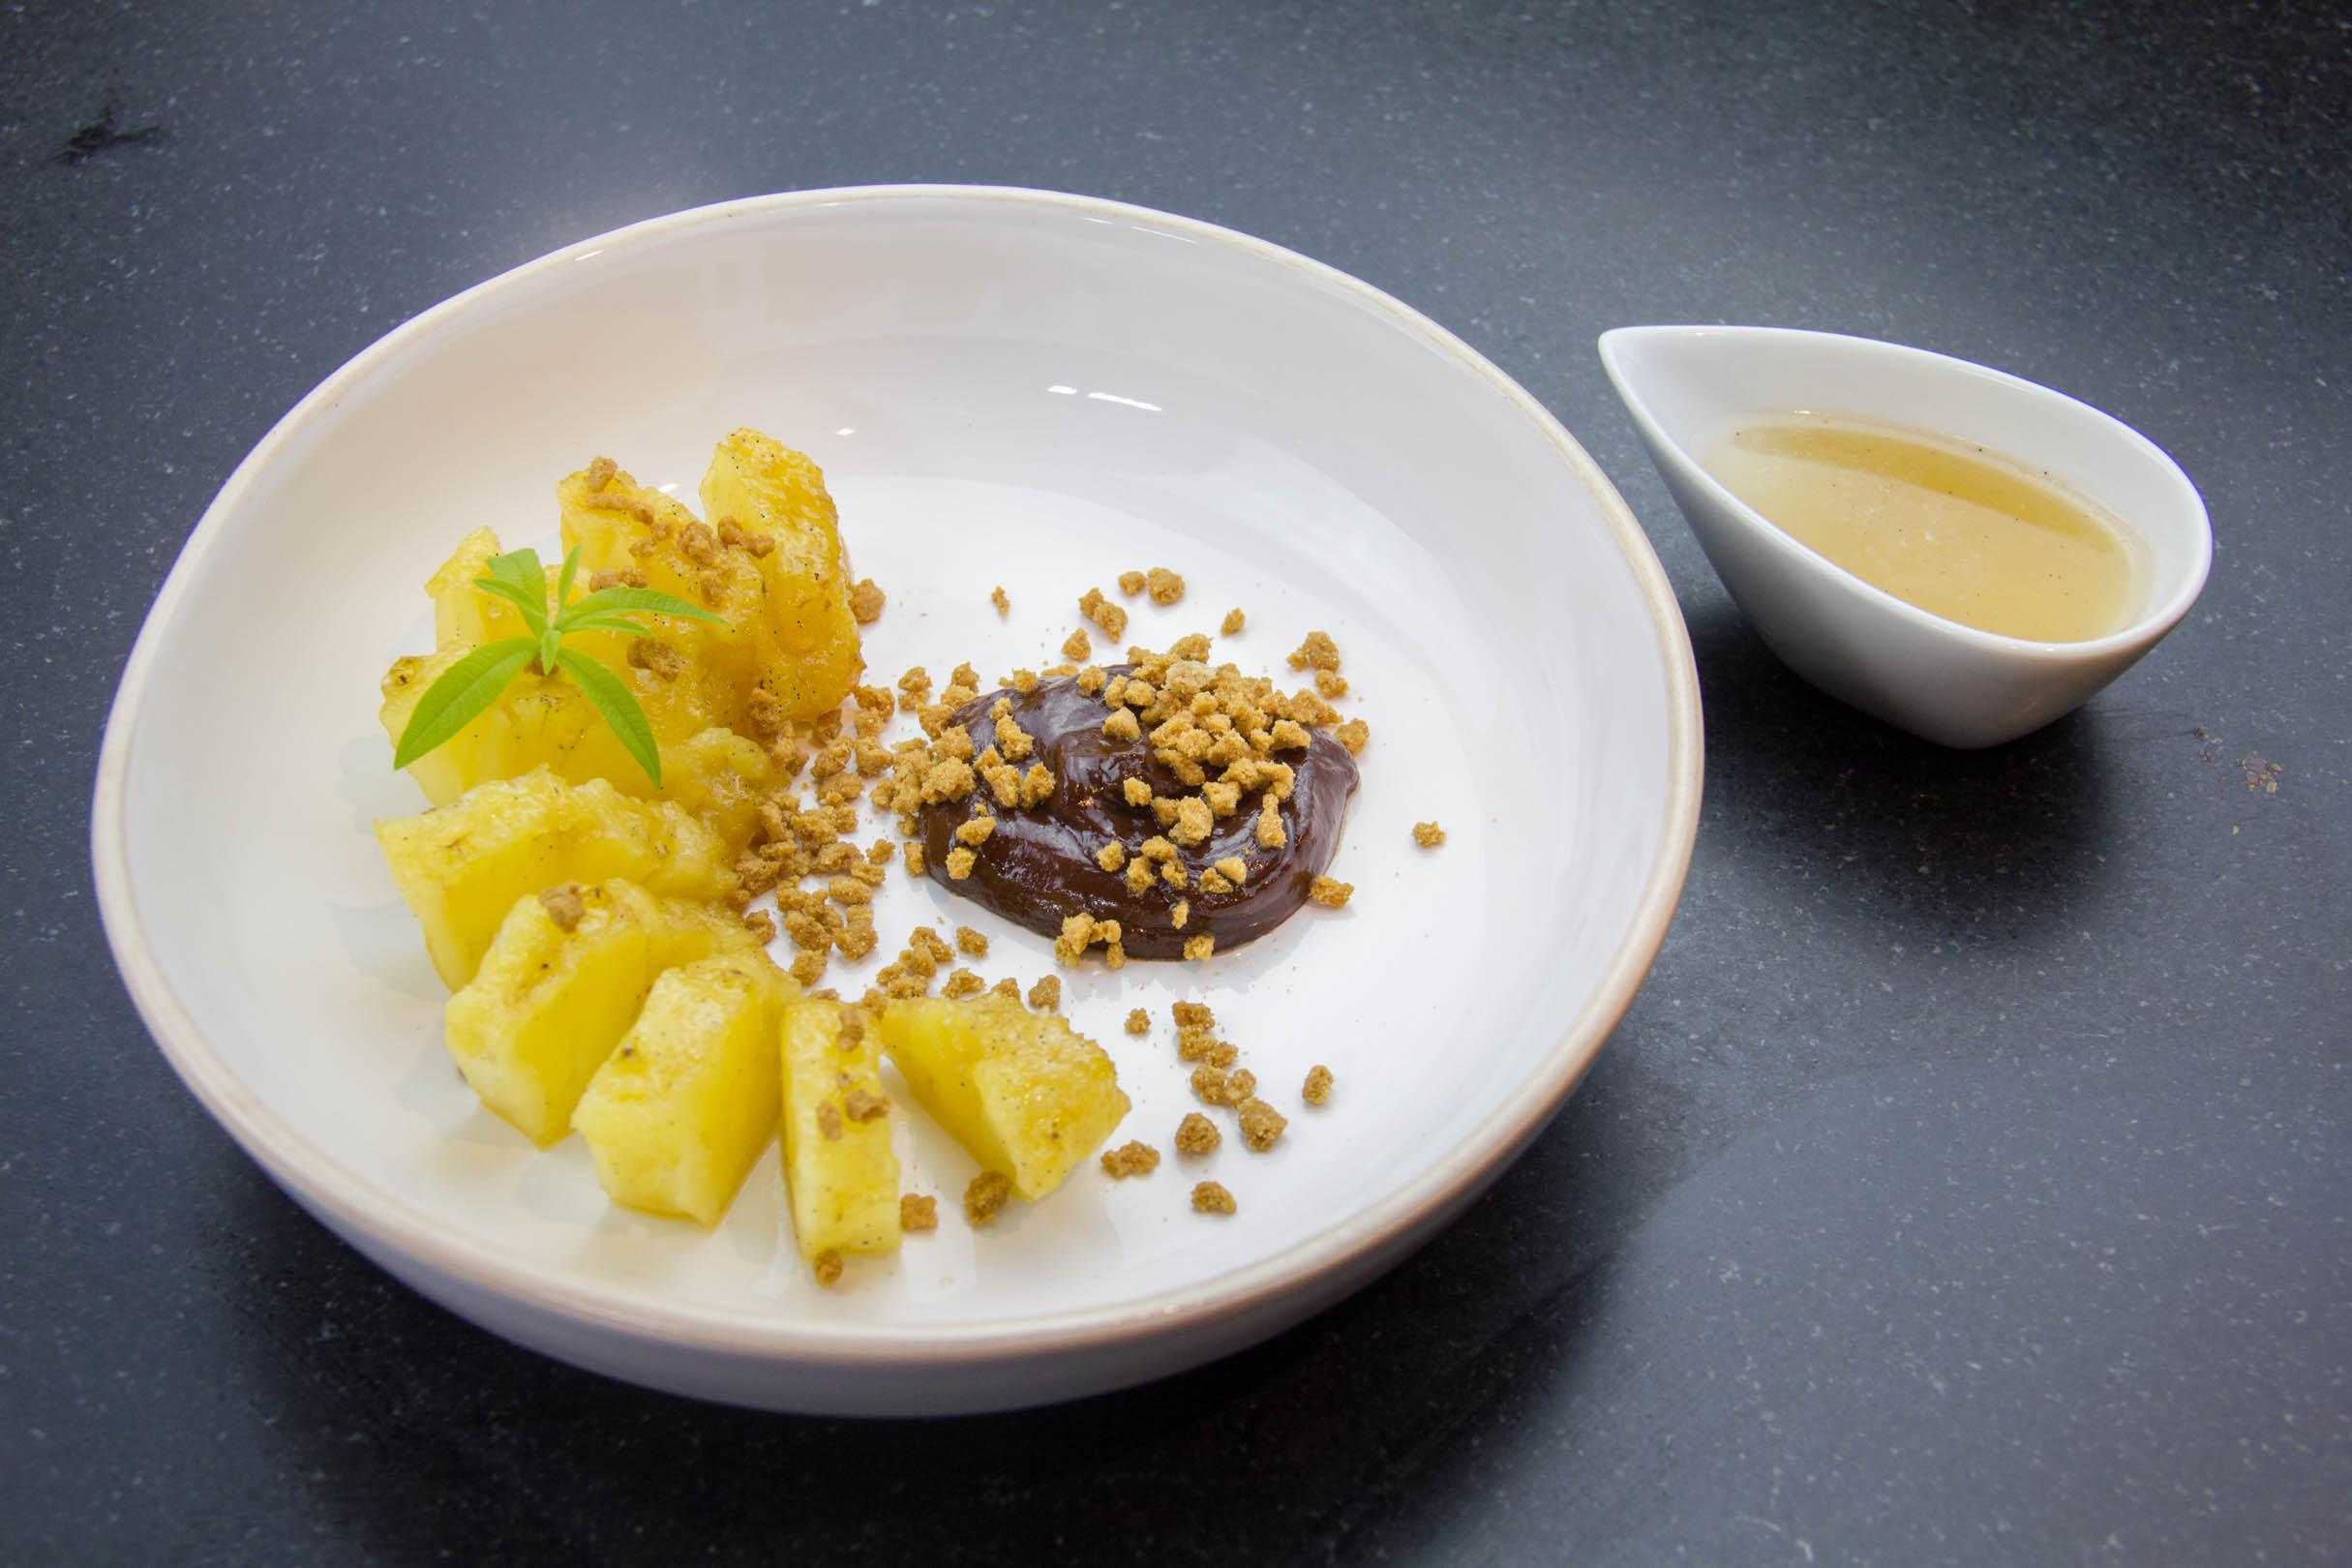 ananas au sirop d'épices, cuisson basse température - [les